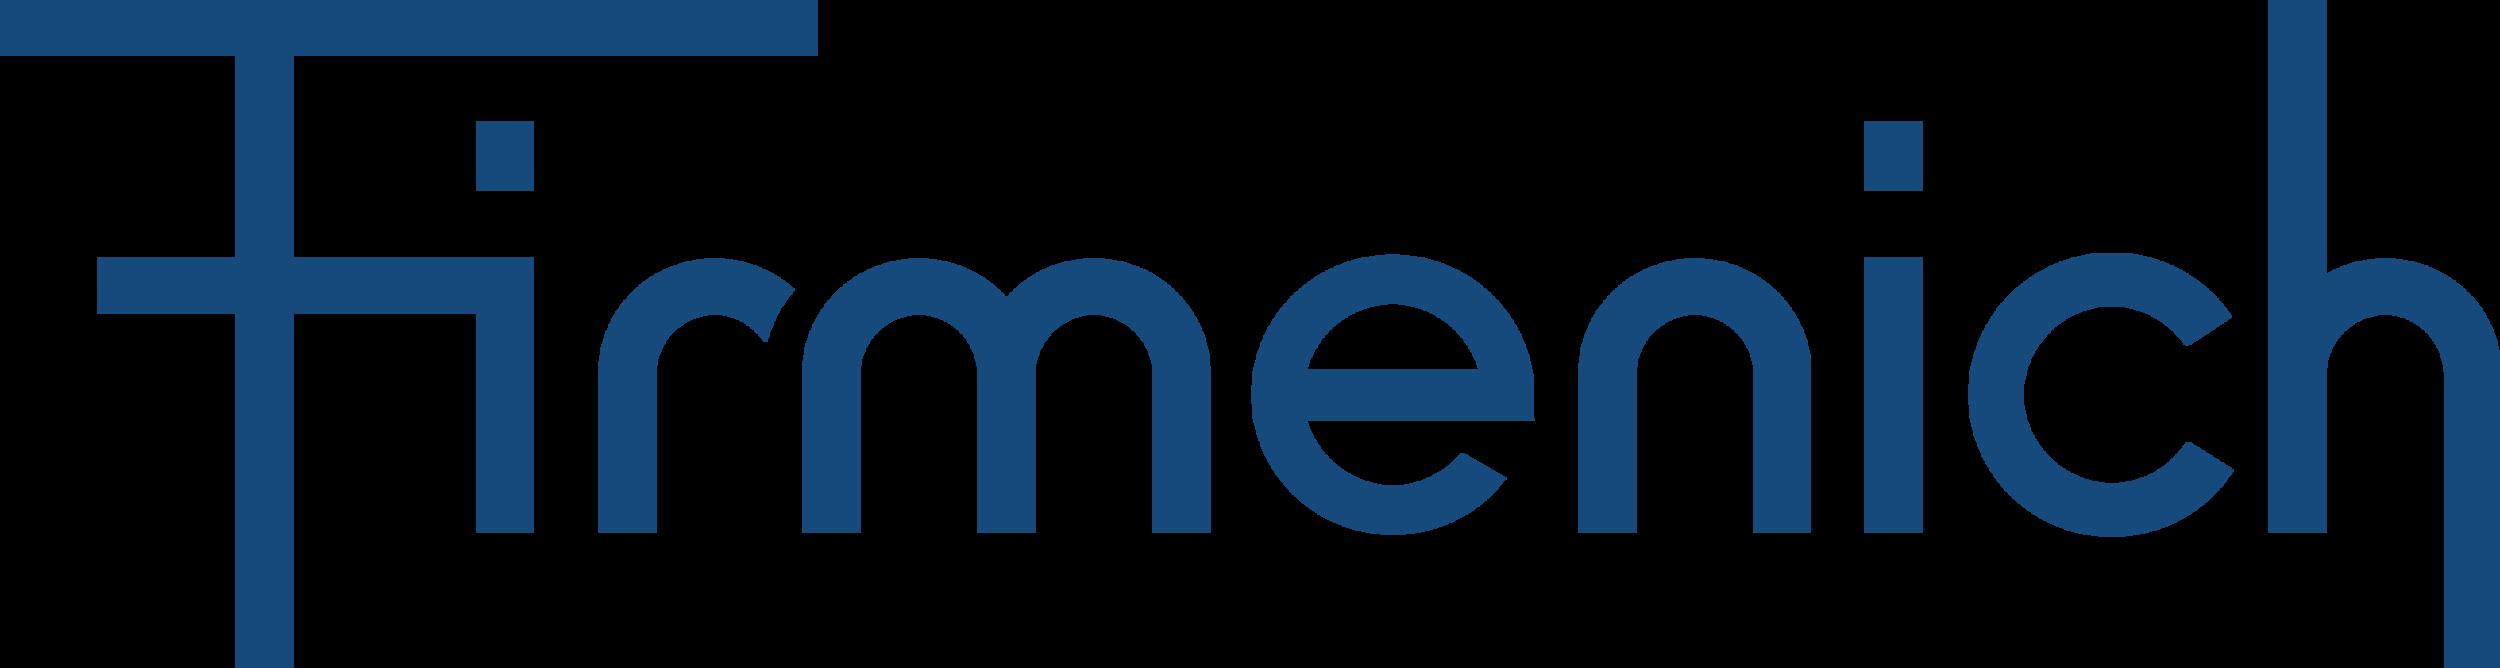 Firmenich_logo_blue.png